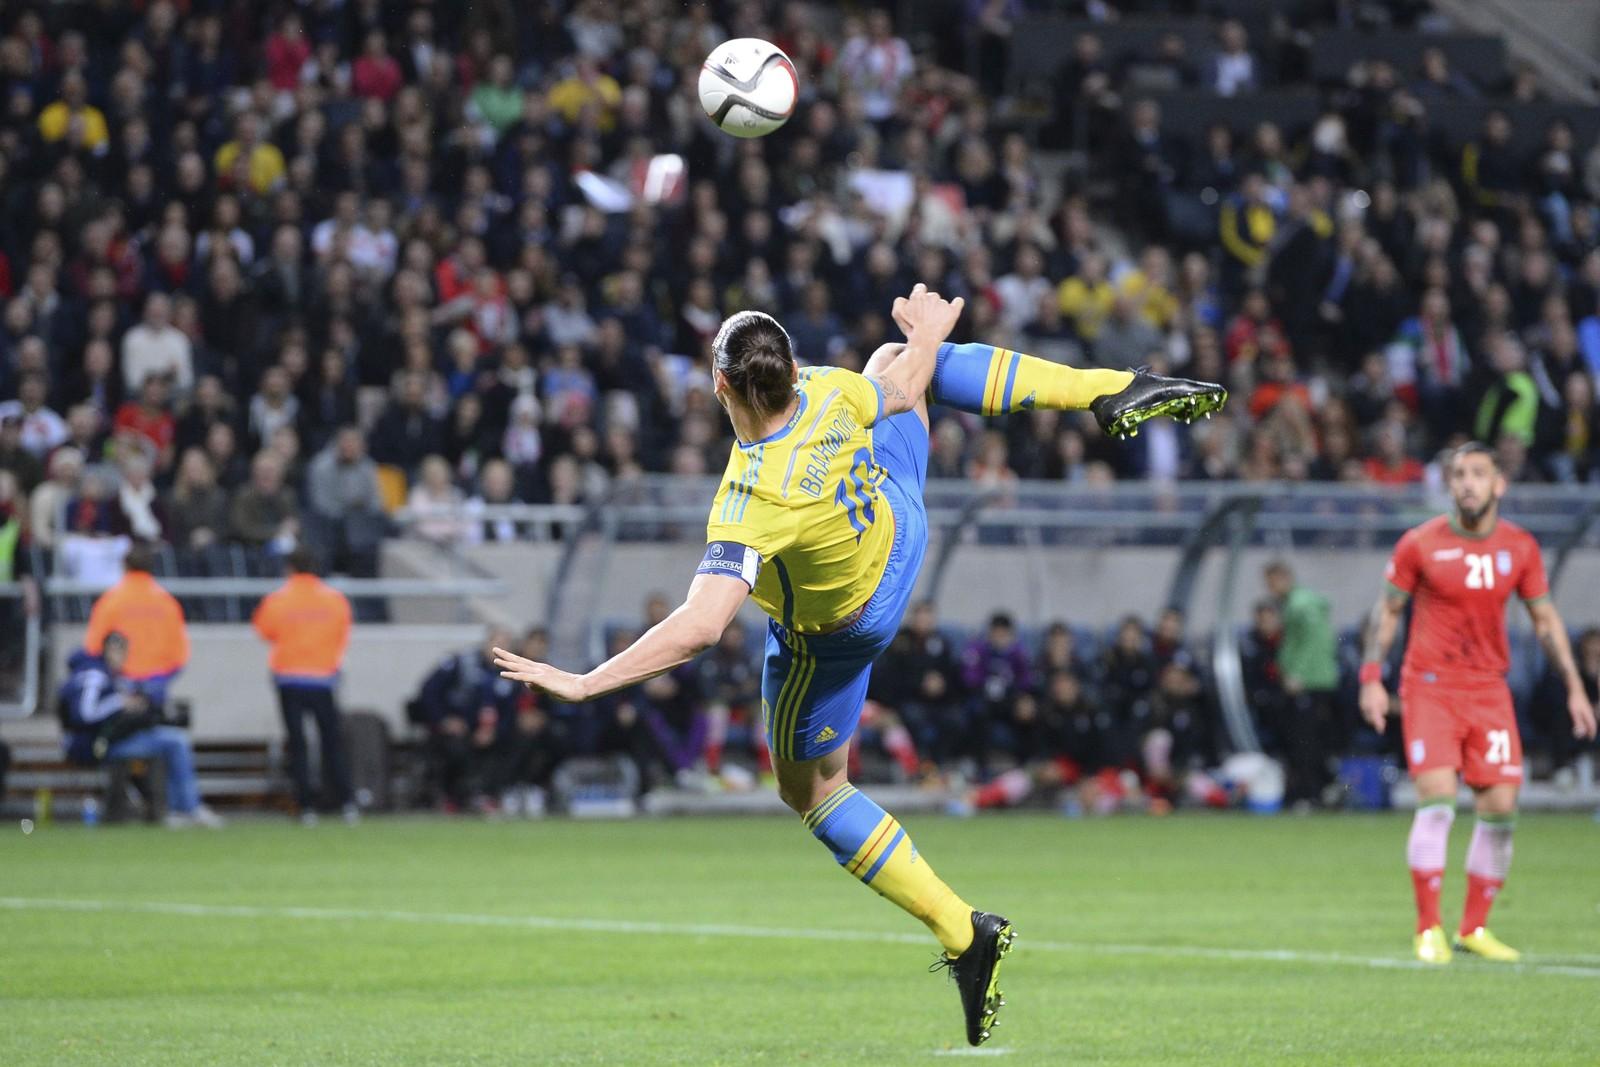 1: Zlatan Ibrahimovic tar sats og kaster seg opp i luften.